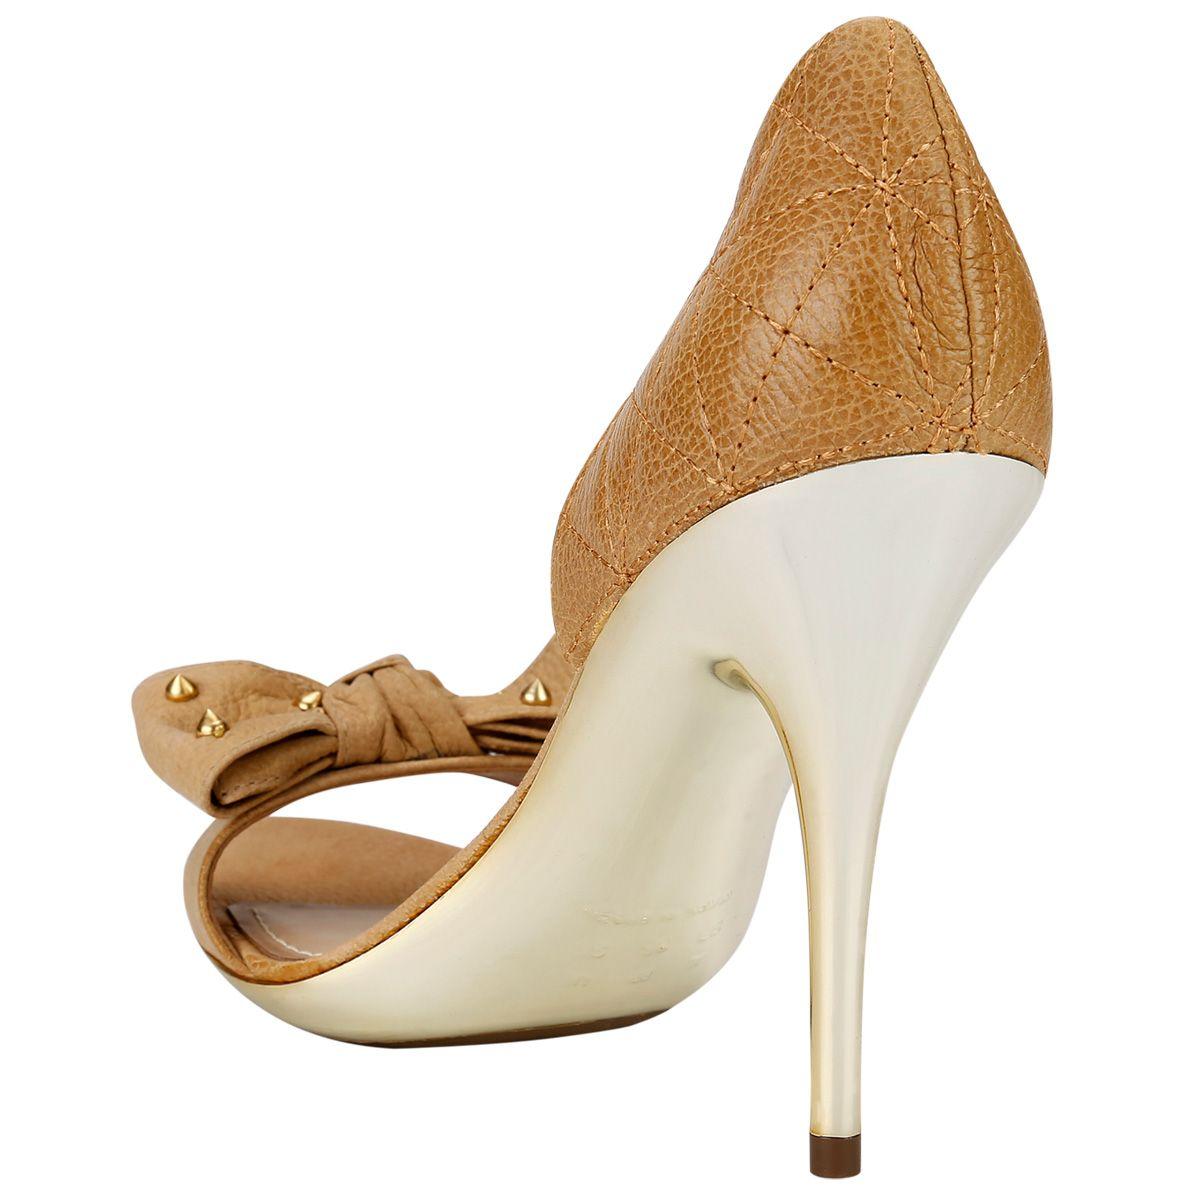 187a80569 Compre Peep Toe Dumond Laço Bege na Zattini a nova loja de moda online da  Netshoes. Encontre Sapatos, Sandálias, Bolsas e Acessórios. Clique e  Confira!